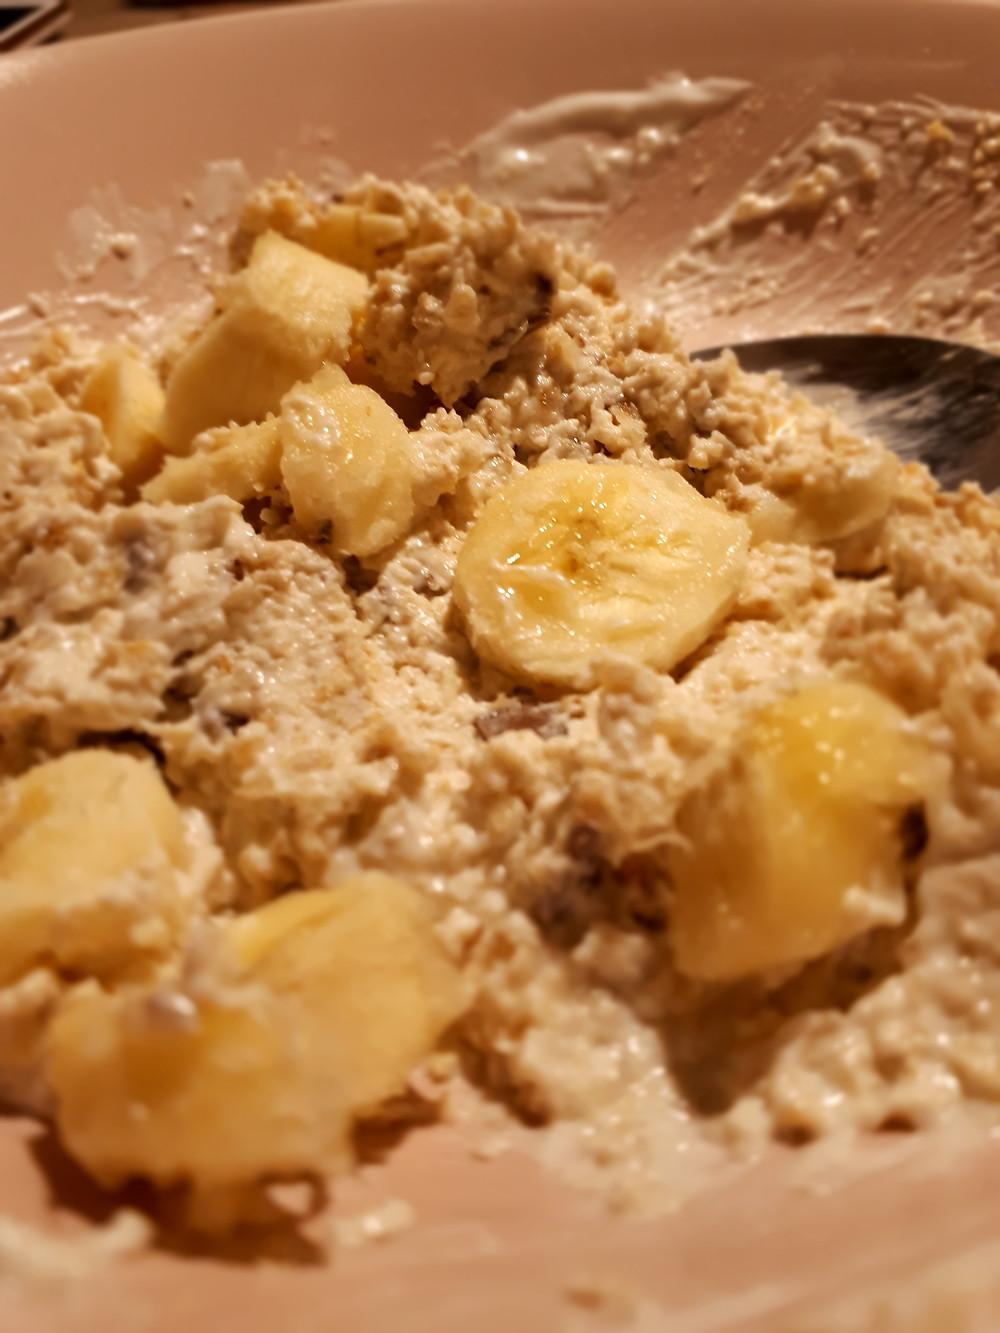 Zarte Haferflocken mit Joghurt und Banane